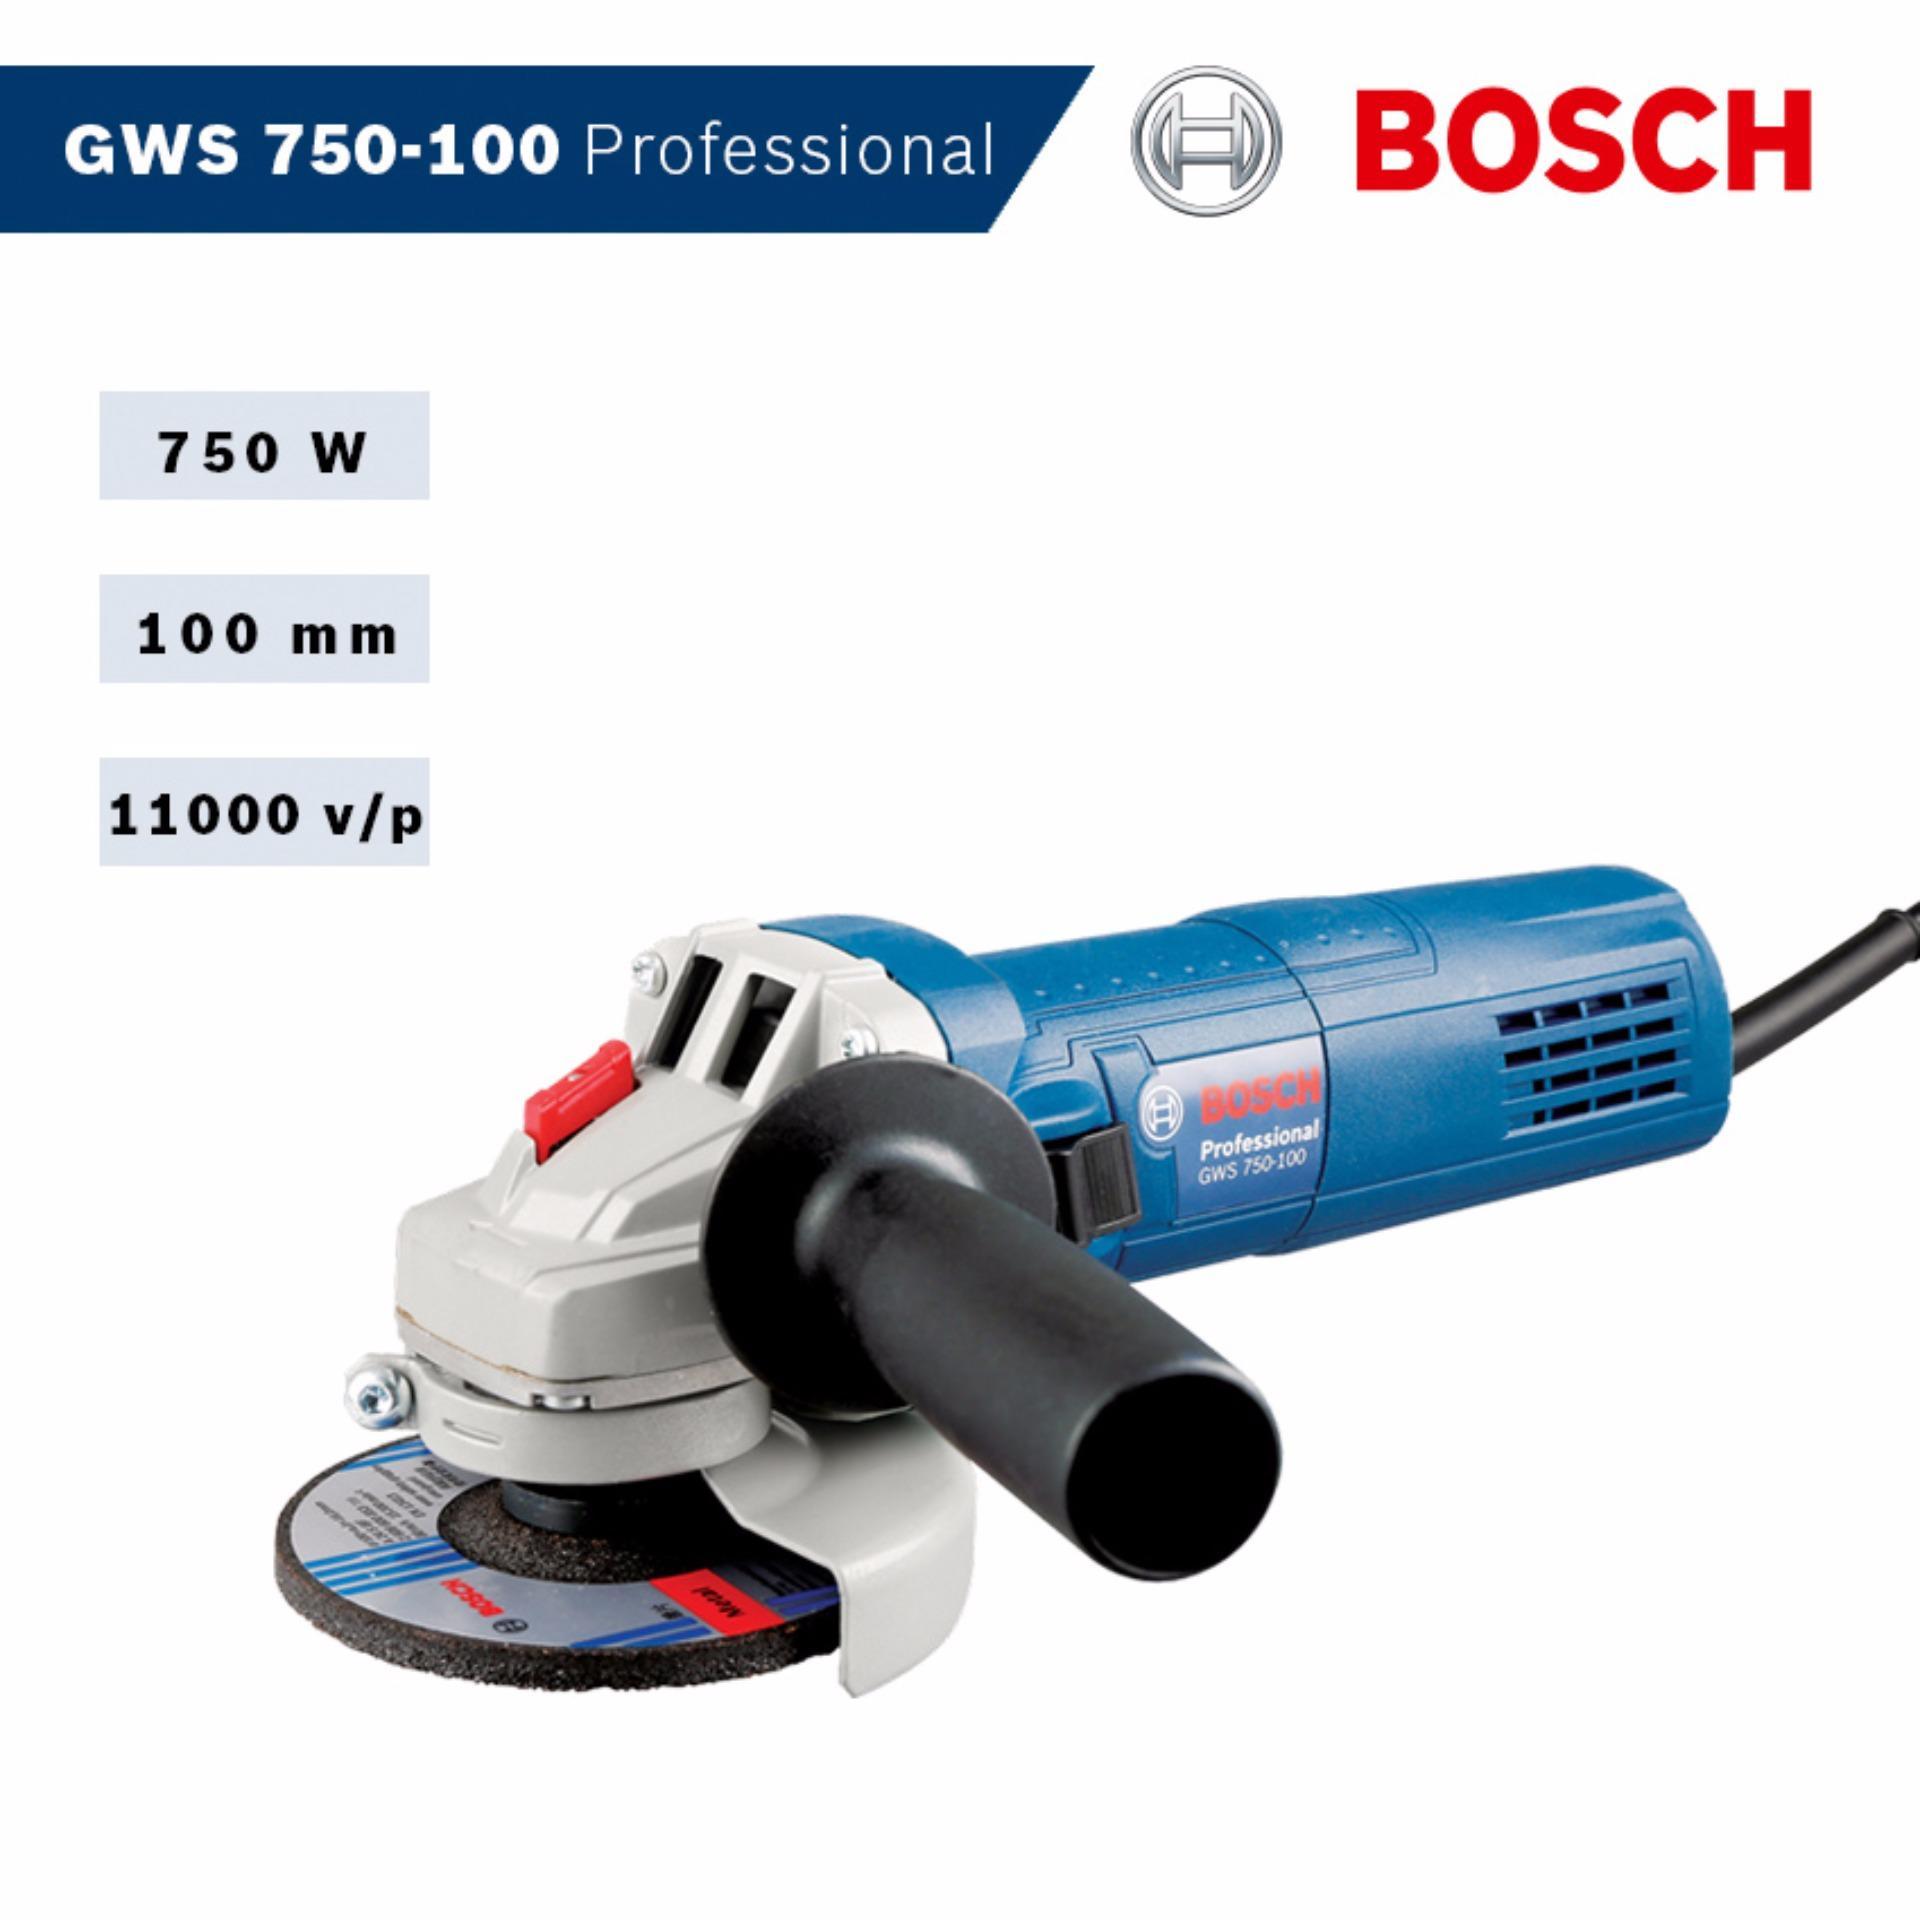 Máy mài góc Bosch GWS 750-100 Professional - HEAVY DUTY